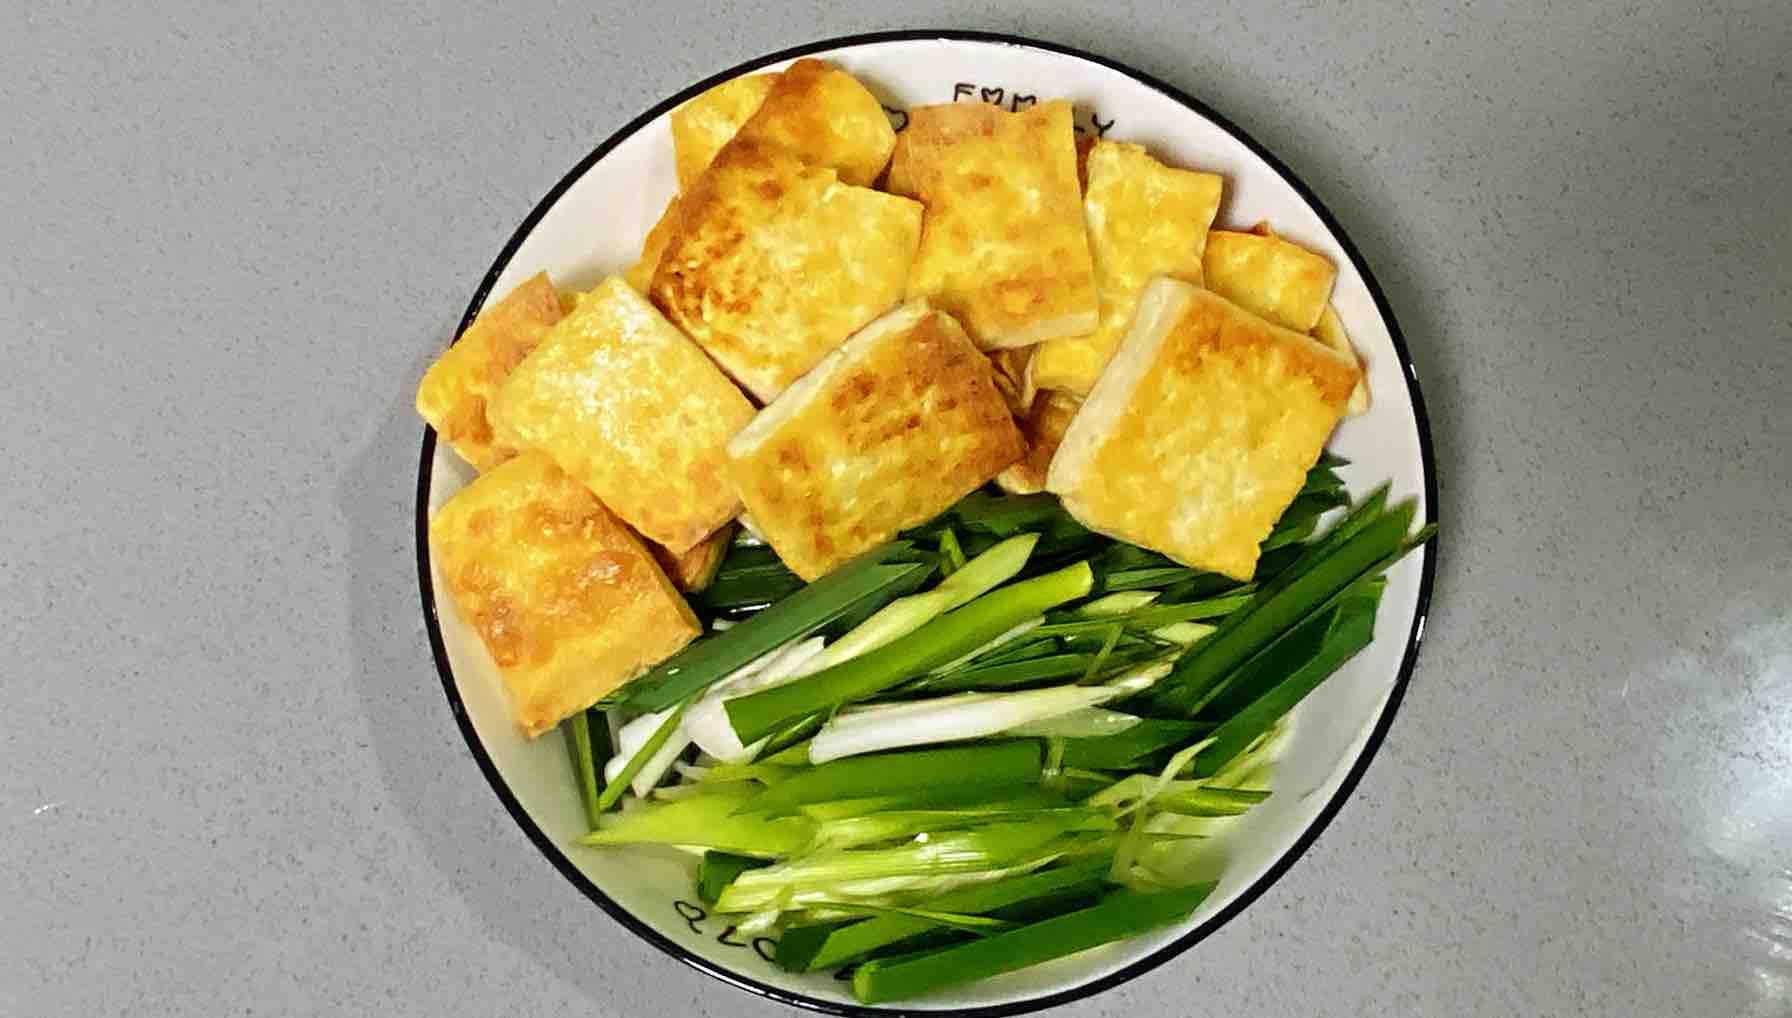 【孕妇食谱】鲍汁豆腐烧青蒜,鲜味浓郁,超级下饭~的简单做法